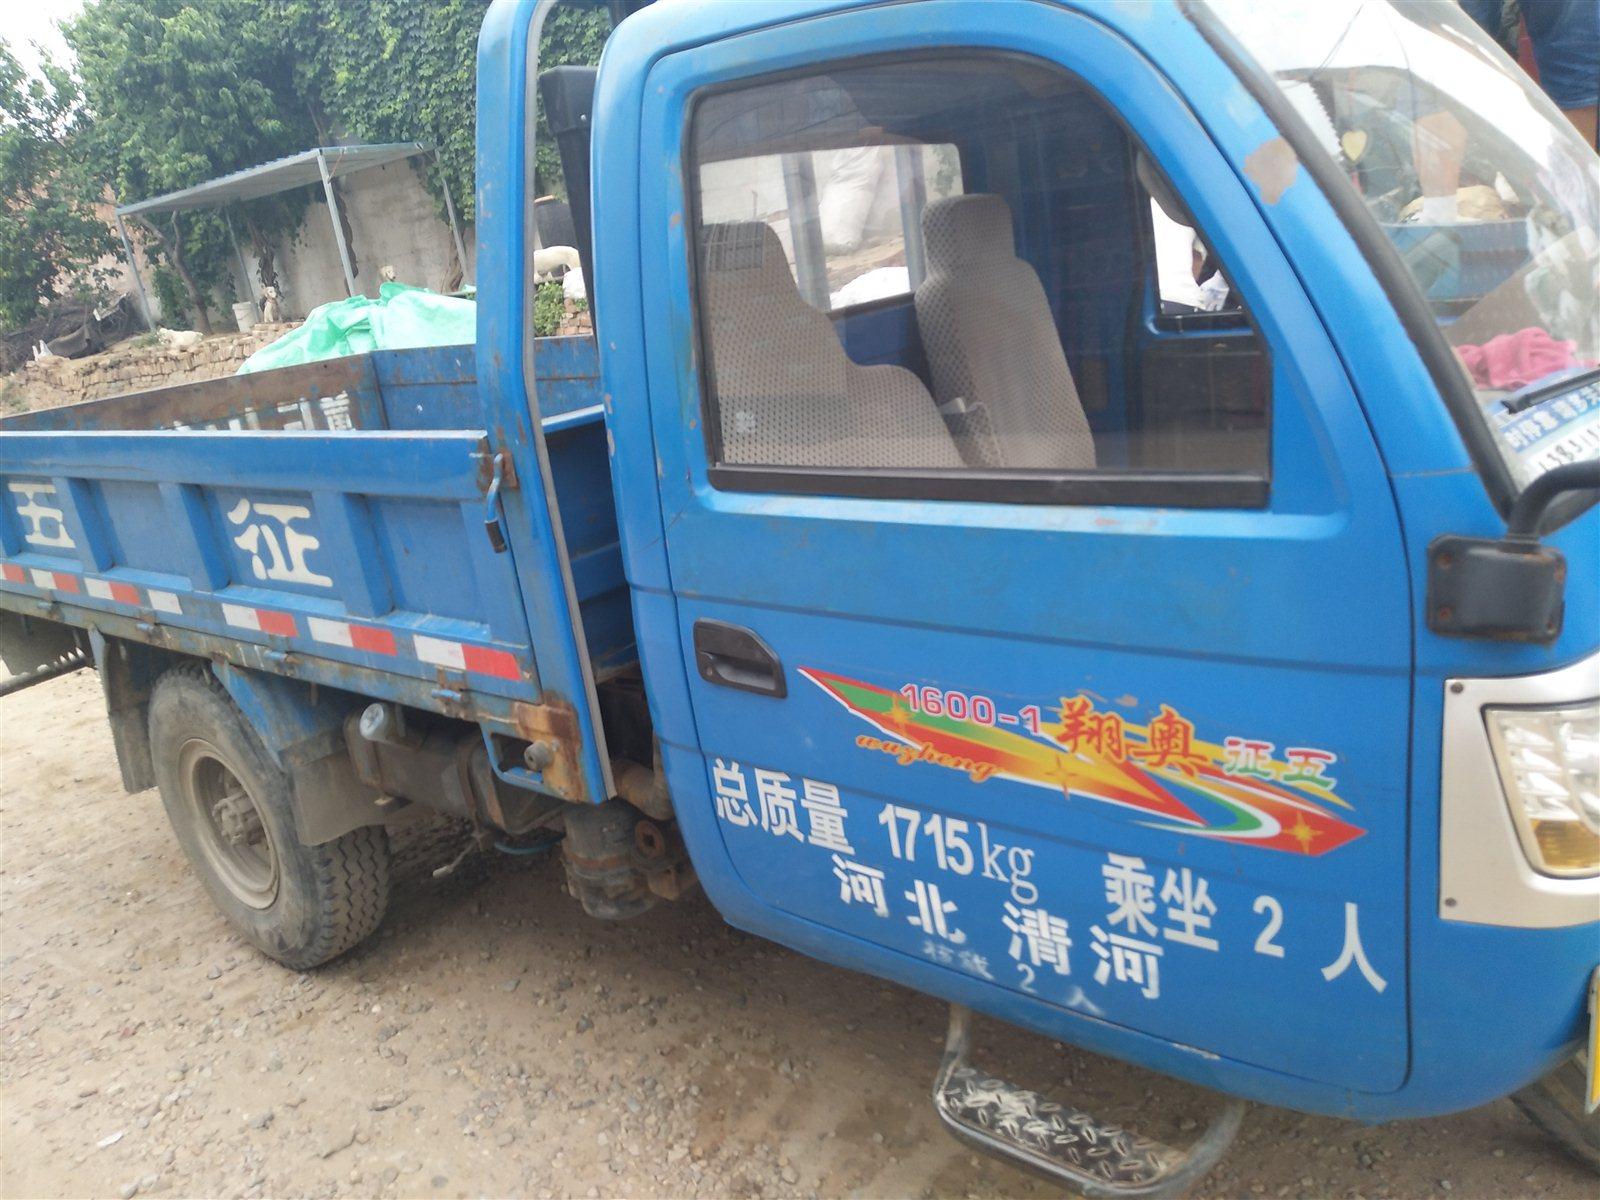 因换车,现出售自家农用五征三轮车,2.